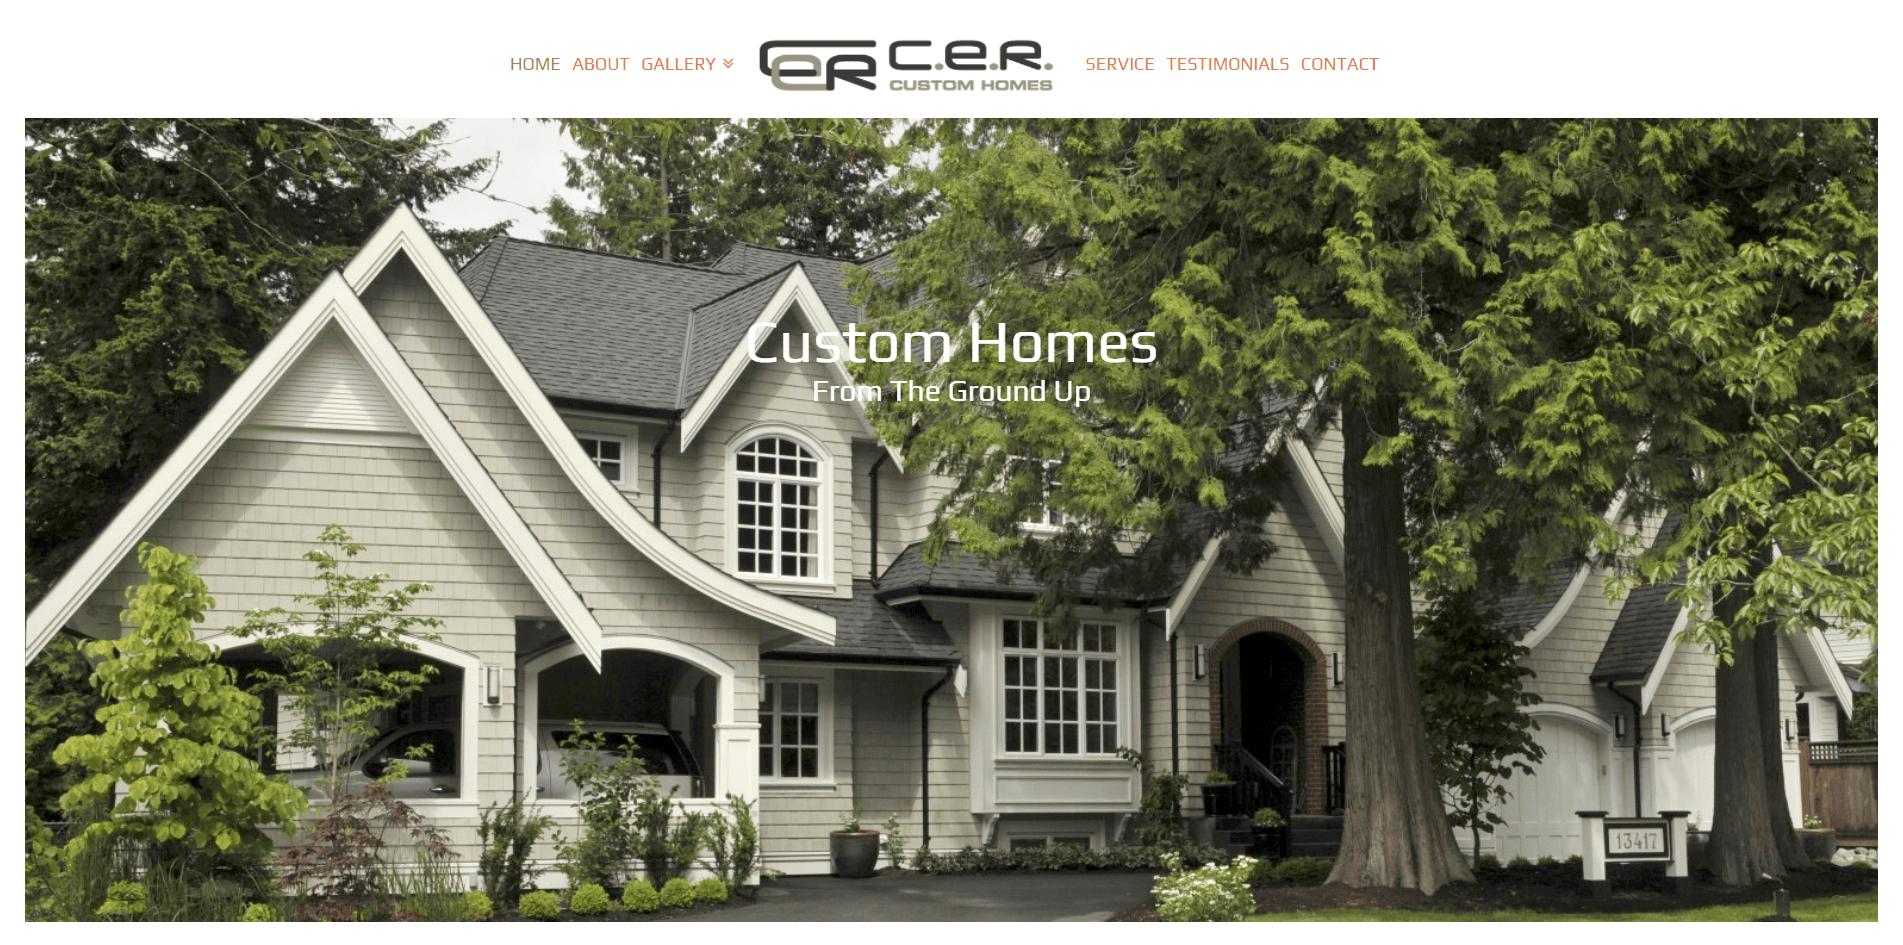 CER Custom Homes - Web Design Vancouver